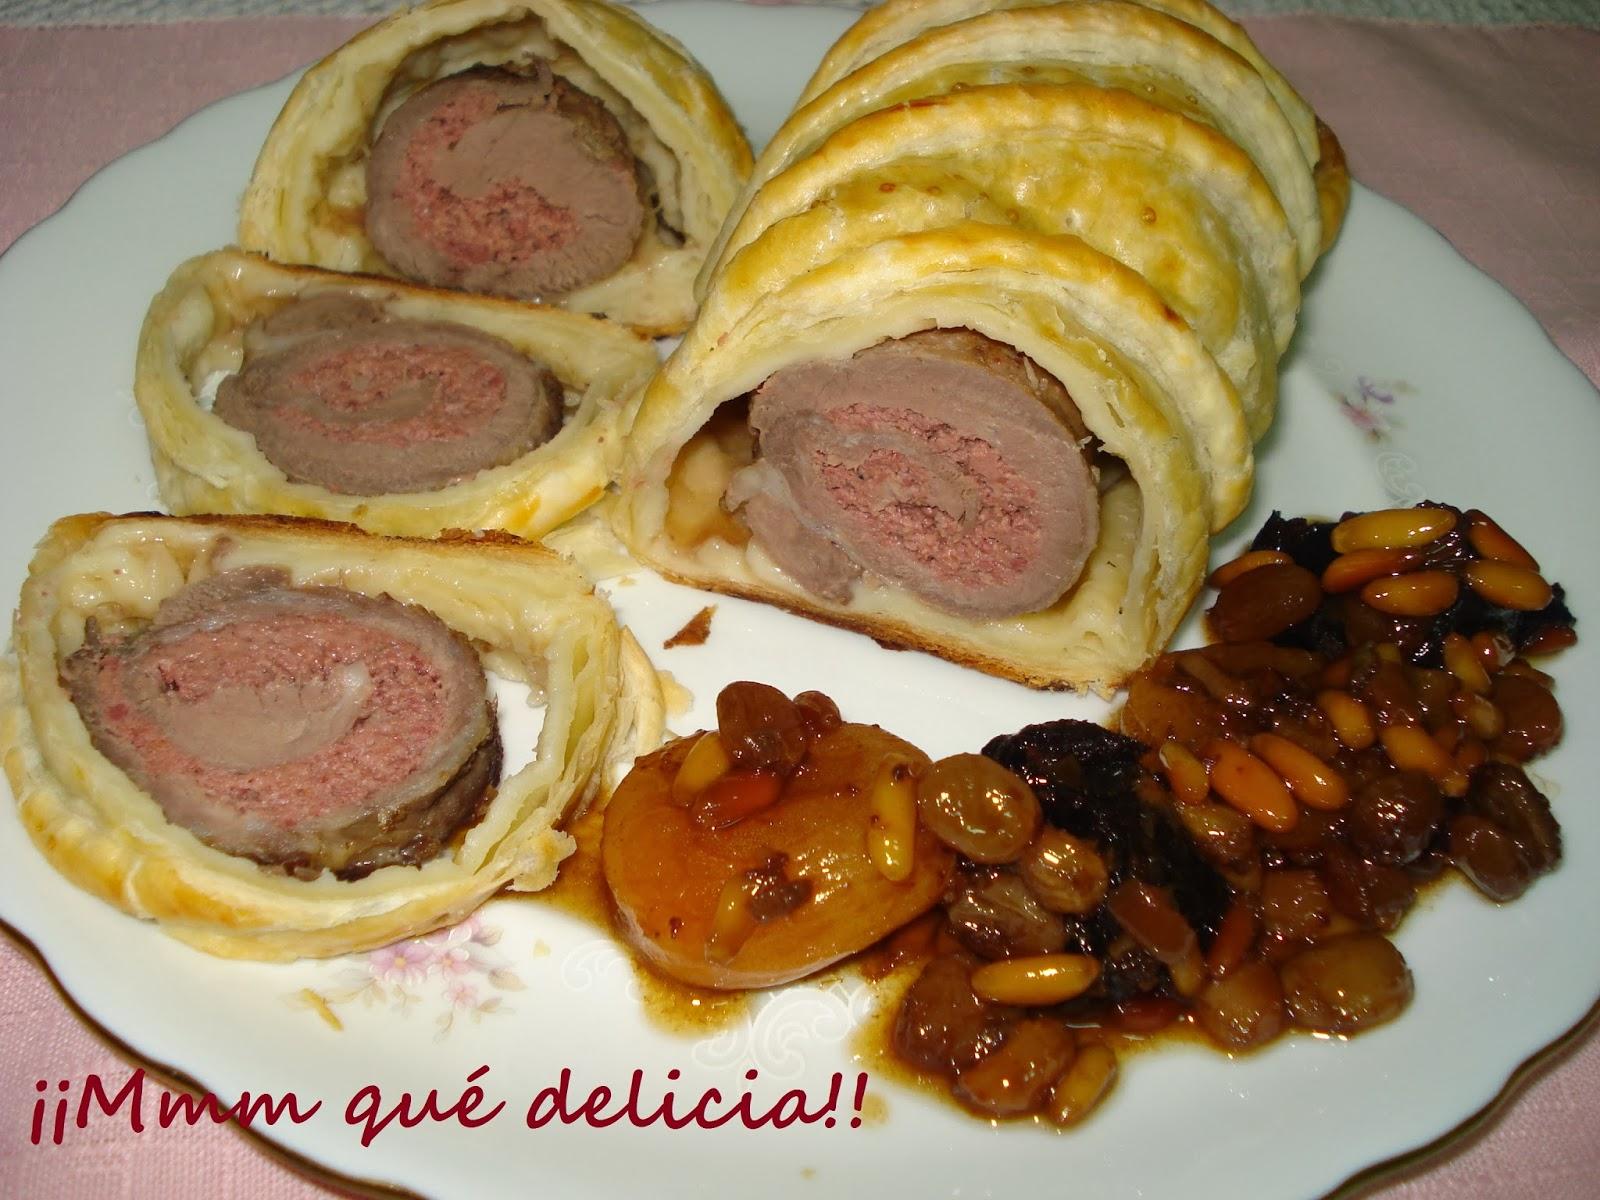 Mmm qu delicia solomillo de cerdo ib rico relleno de - Como preparar un solomillo de cerdo al horno ...